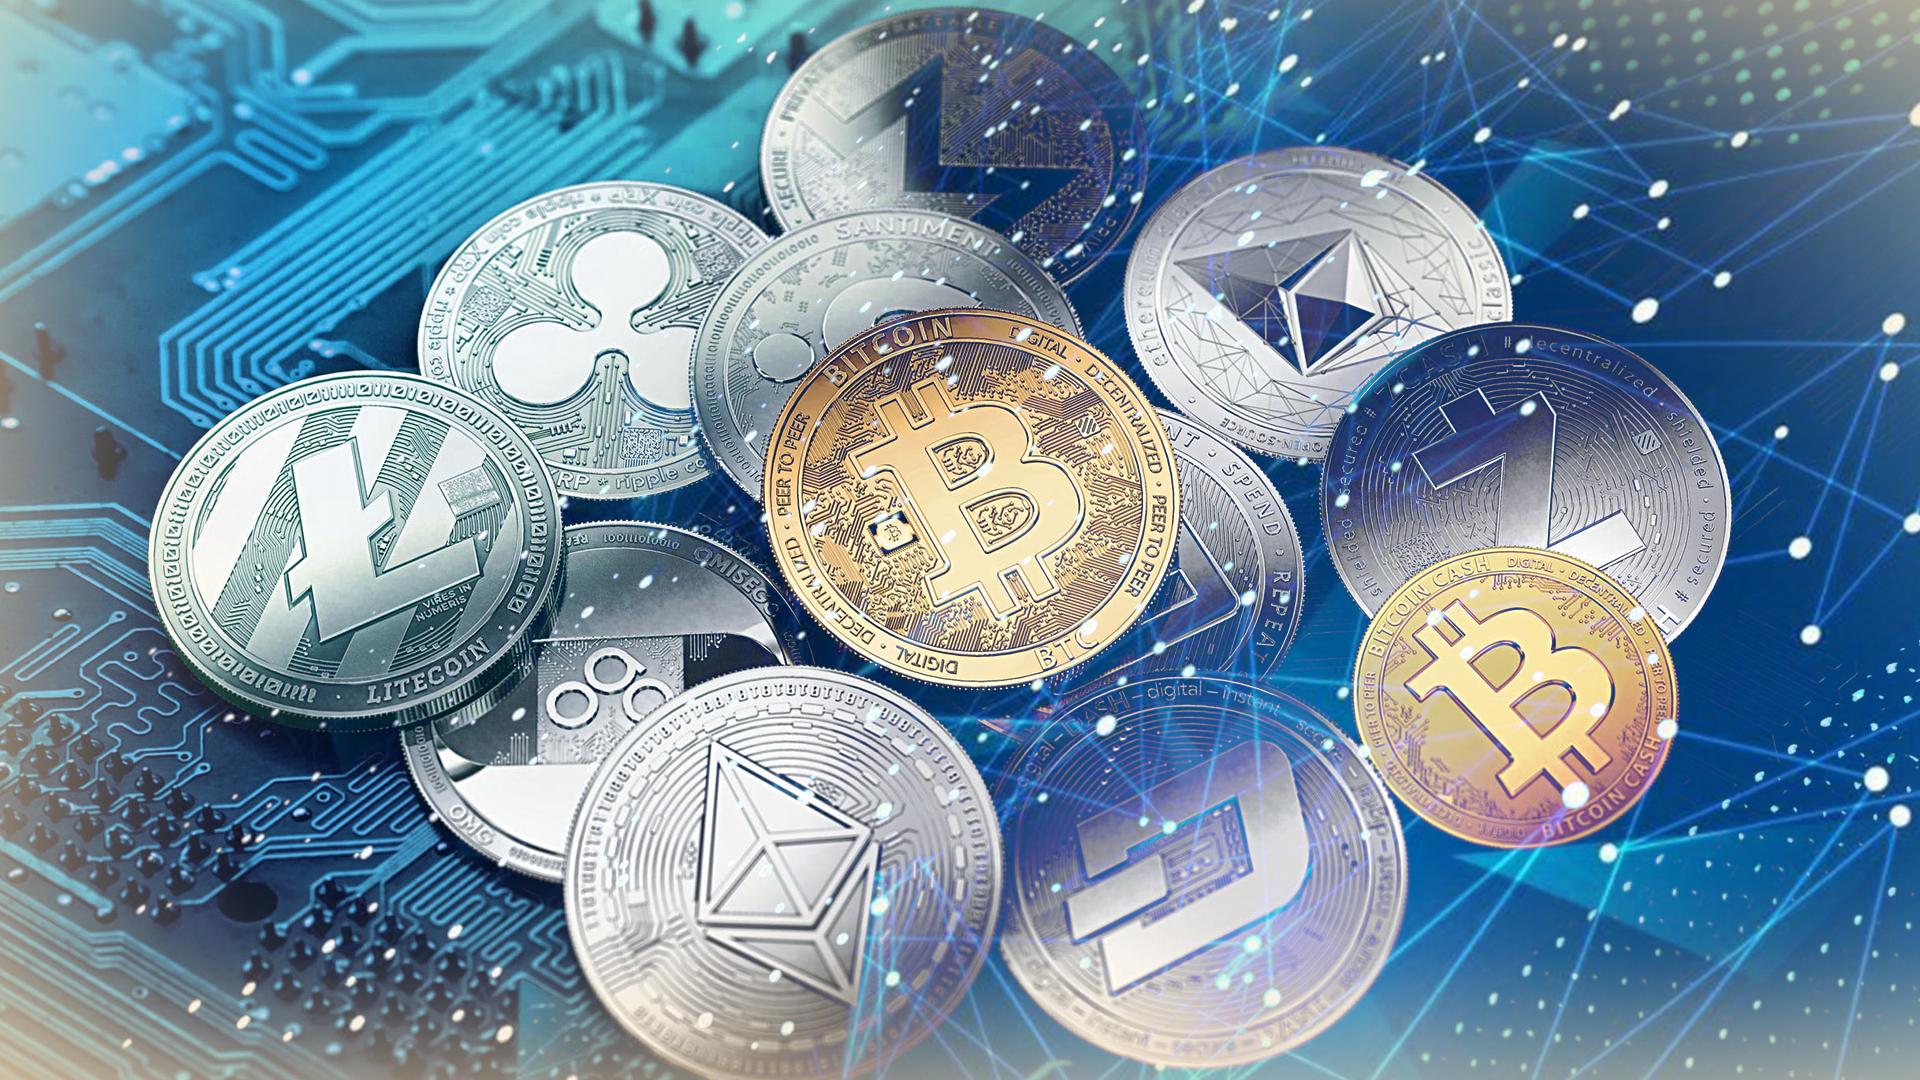 Самые перспективные криптовалюты 2022 года для инвестиций и мнение экспертов